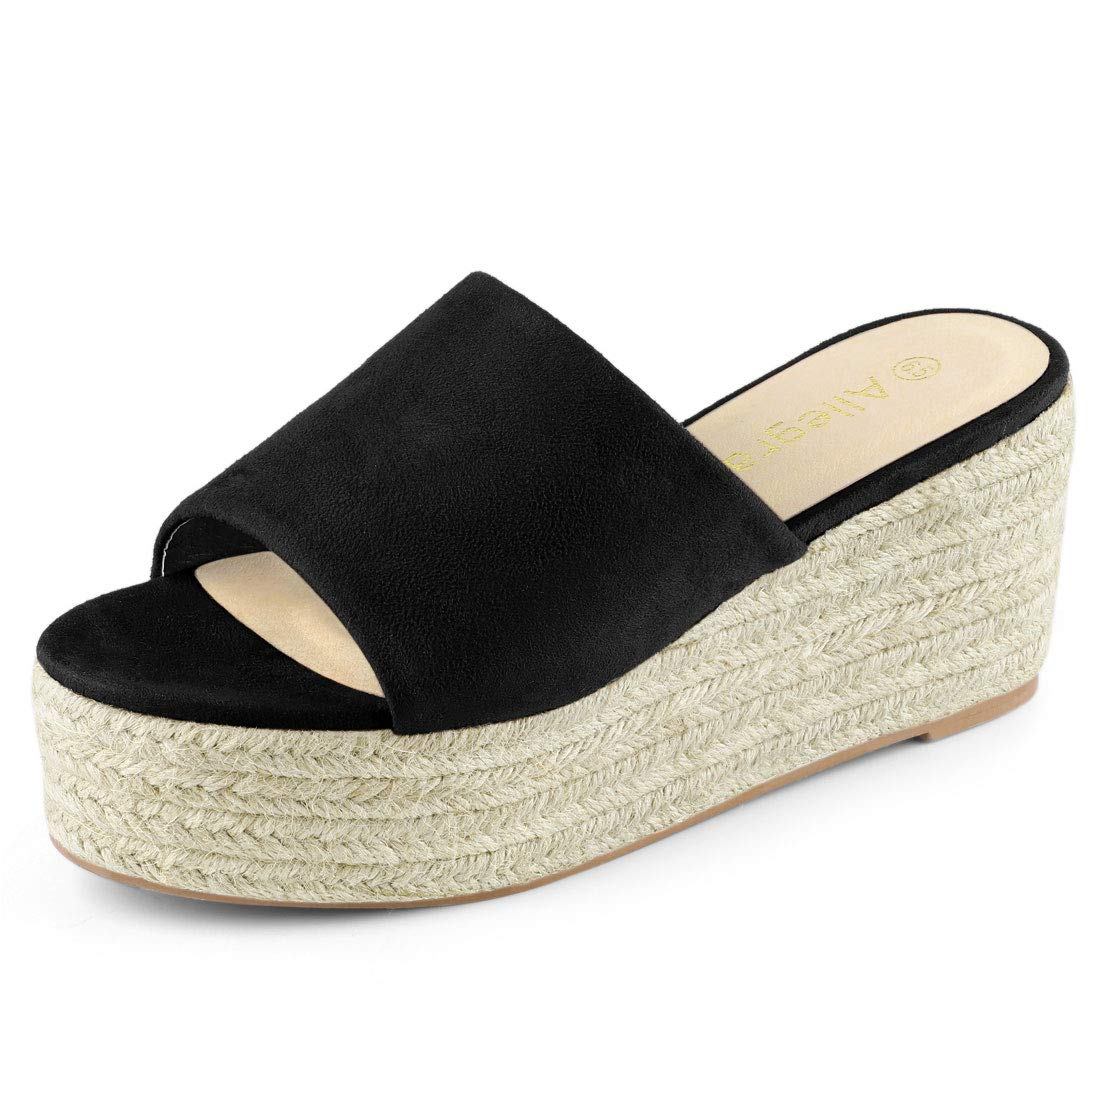 07b58592720 Allegra K Women's Flatform Espadrille Platform Slide Sandals